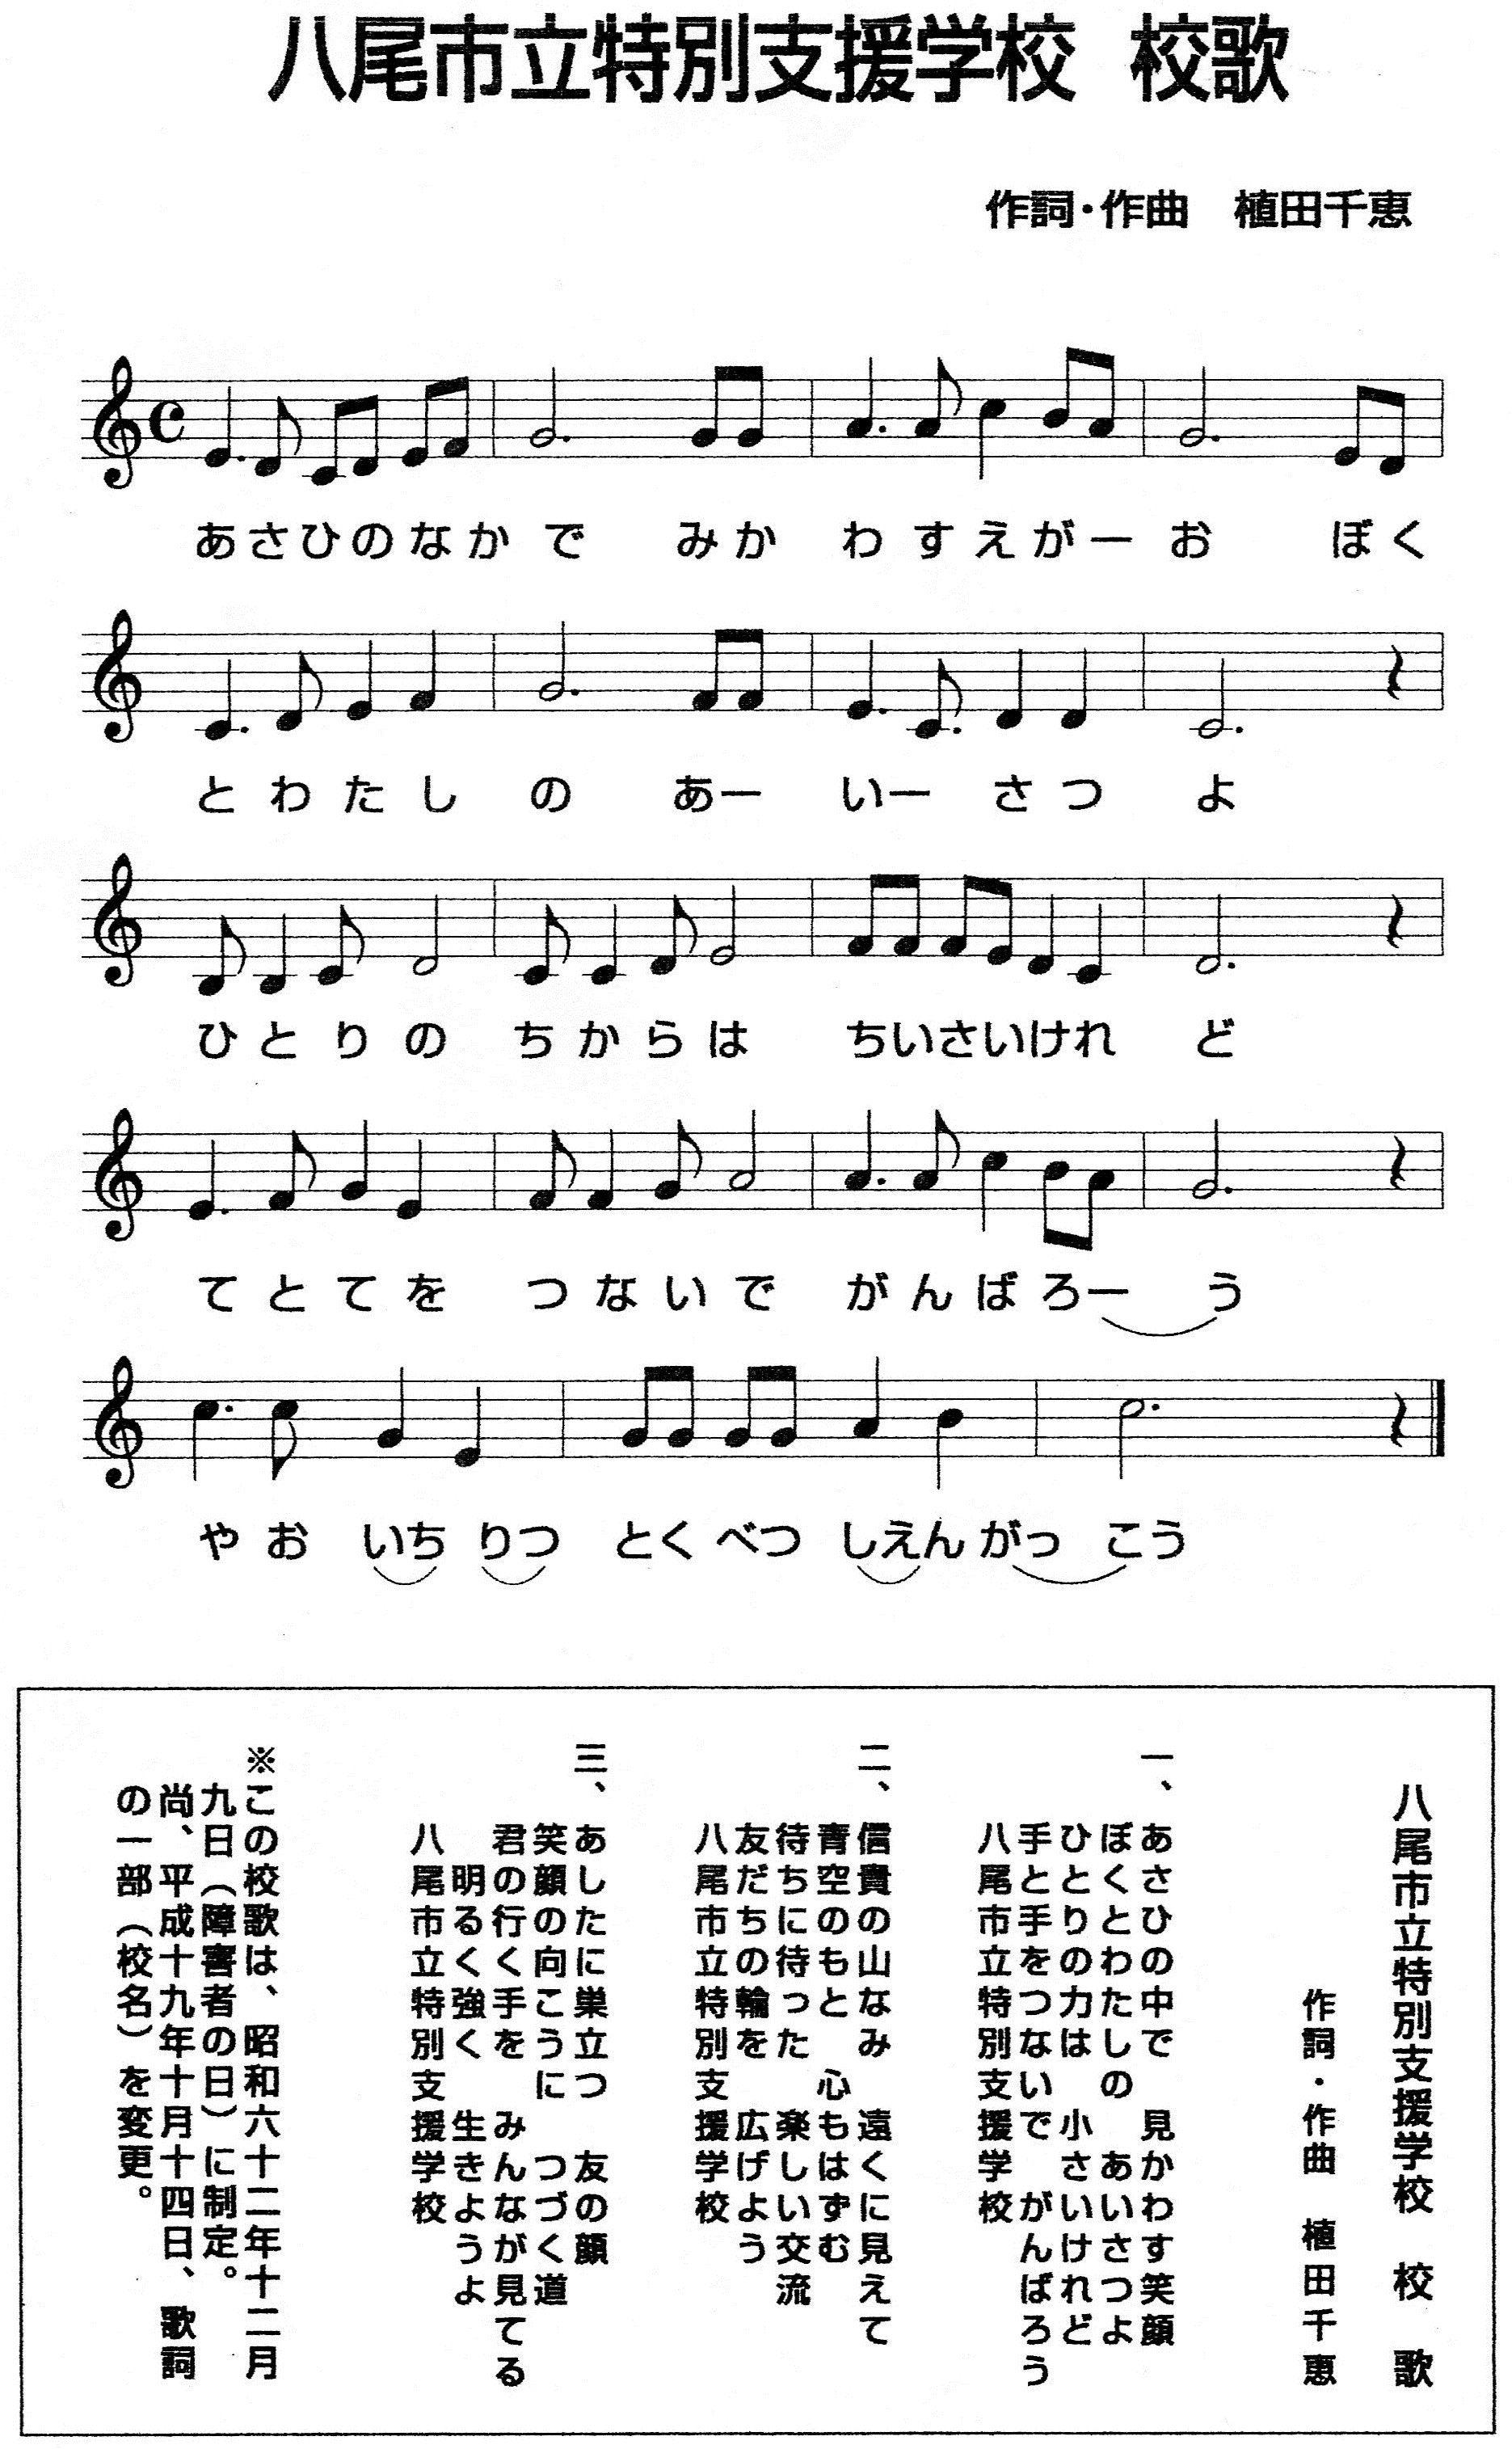 るるる の 歌 歌詞